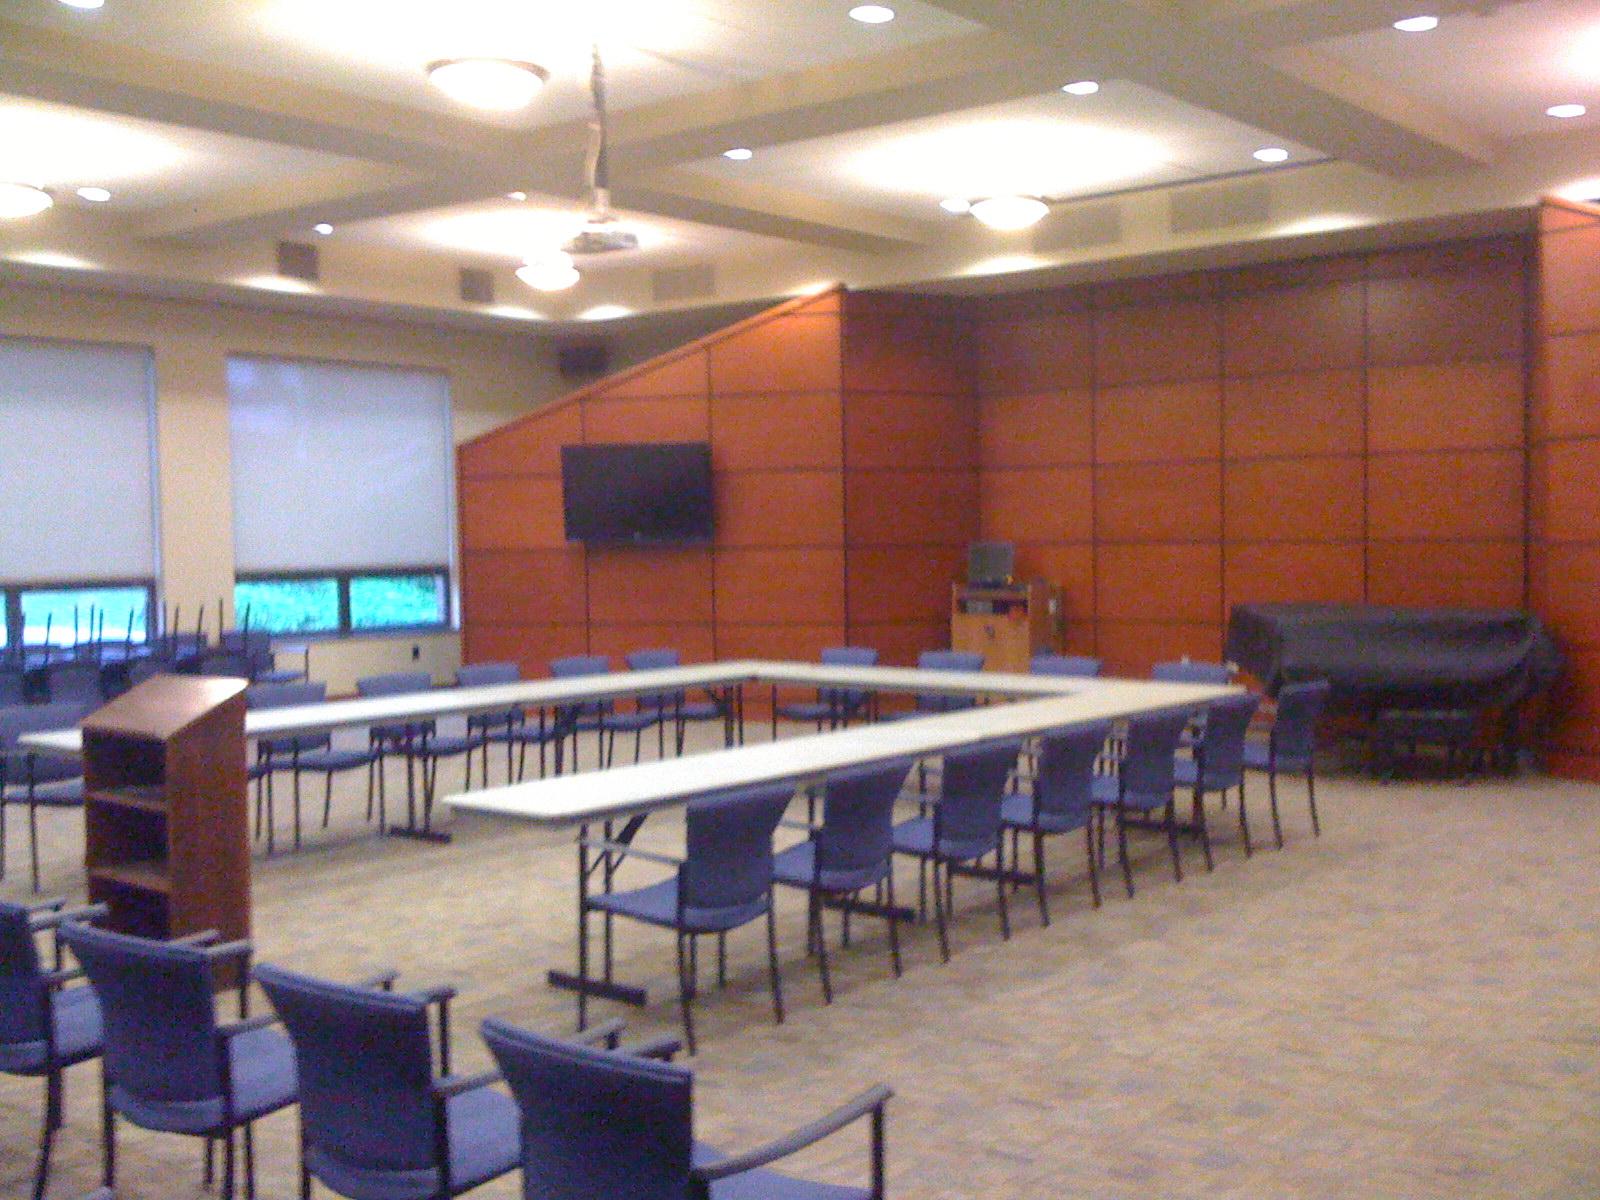 Penn State York – Ruhl Student Center Community Room